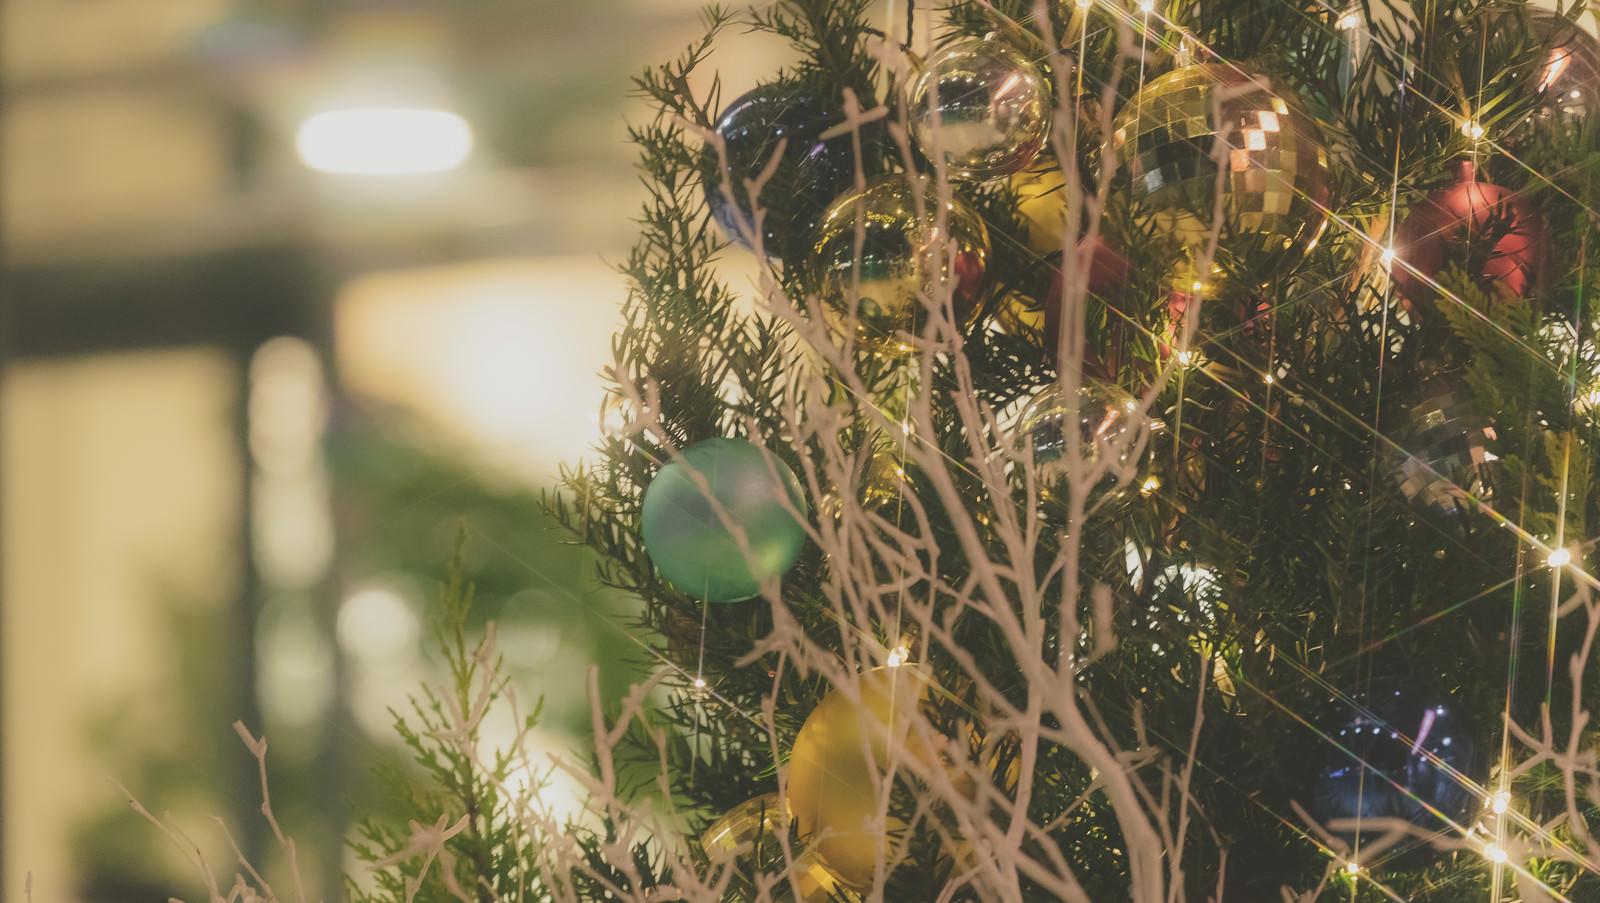 「クリスマスシーズン」の写真